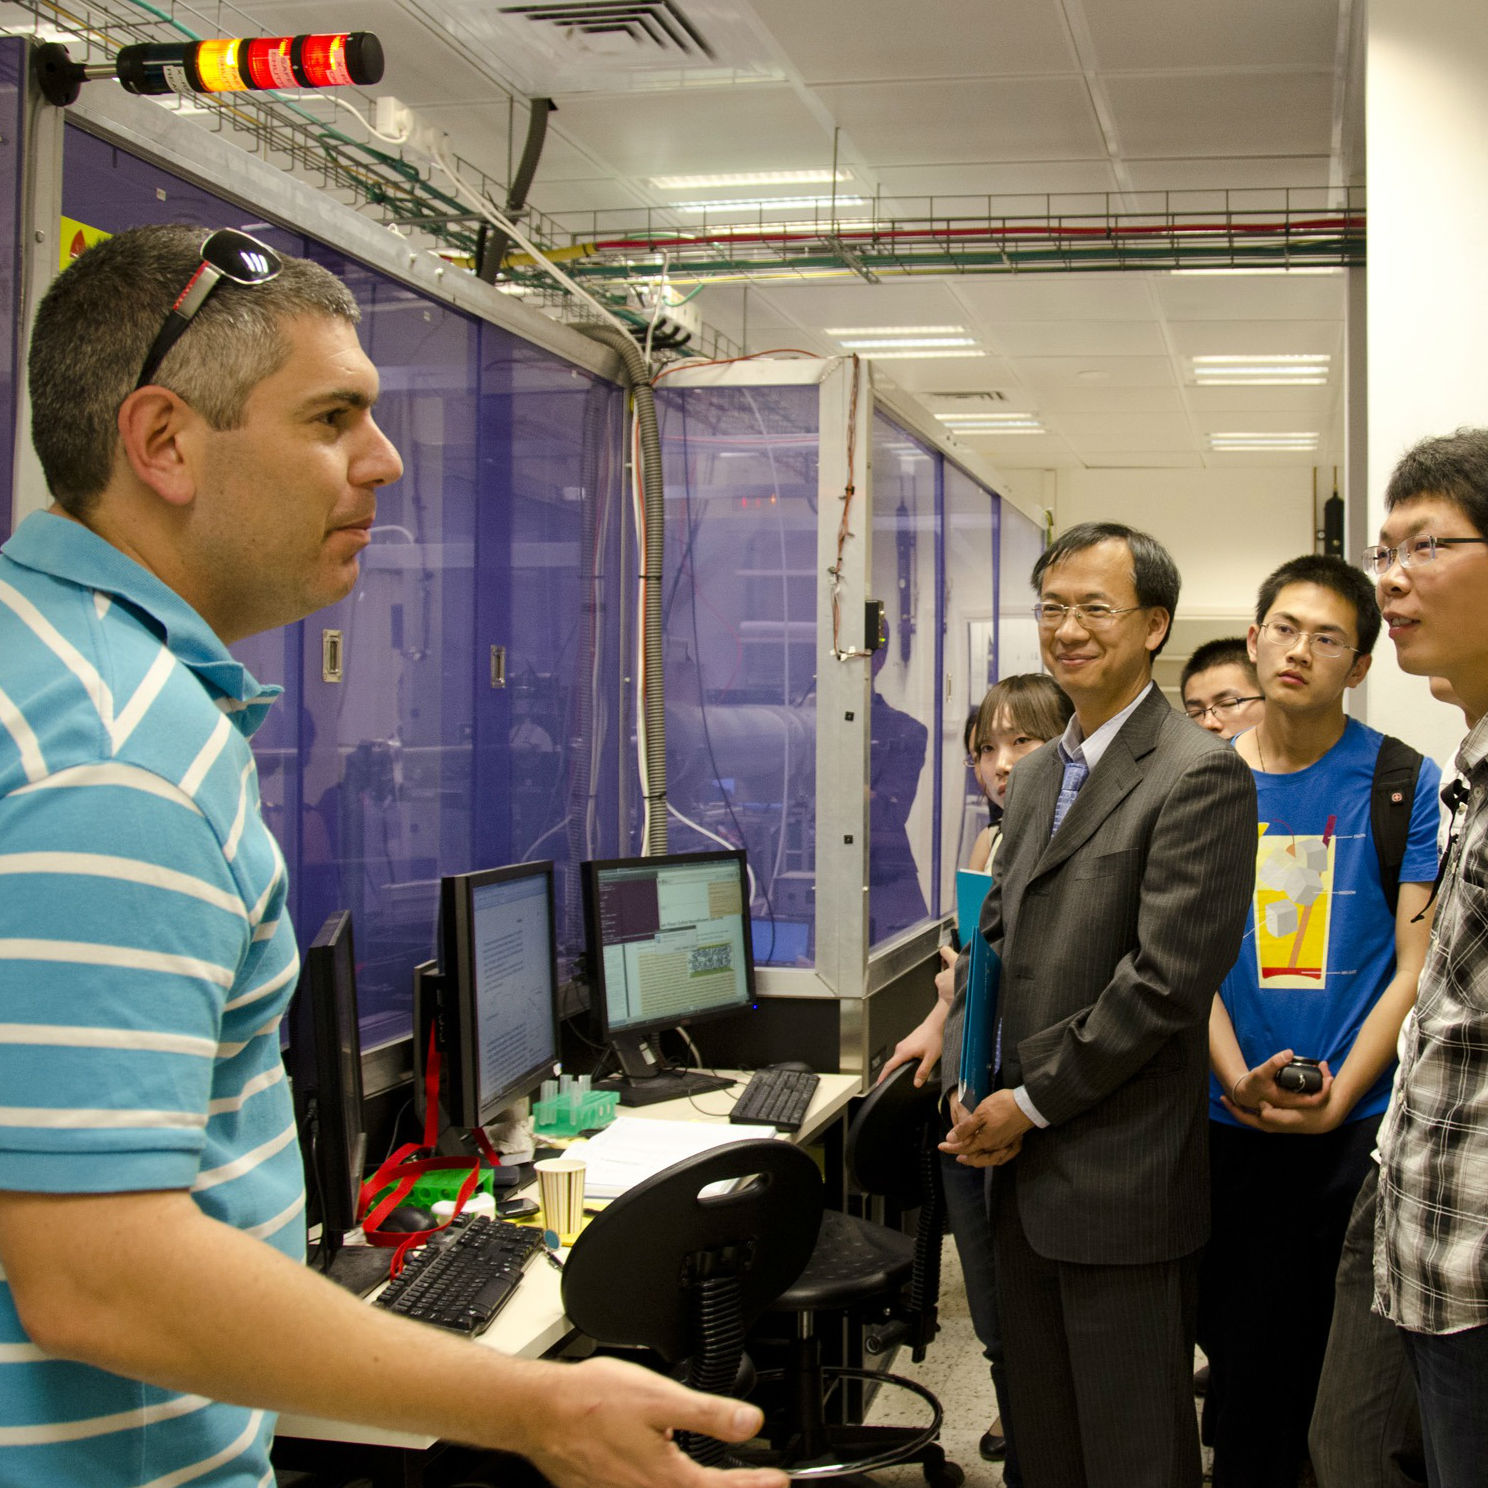 אוניברסיטת תל-אביב מהדקת את קשריה האקדמיים עם האוניברסיטאות המובילות בסין